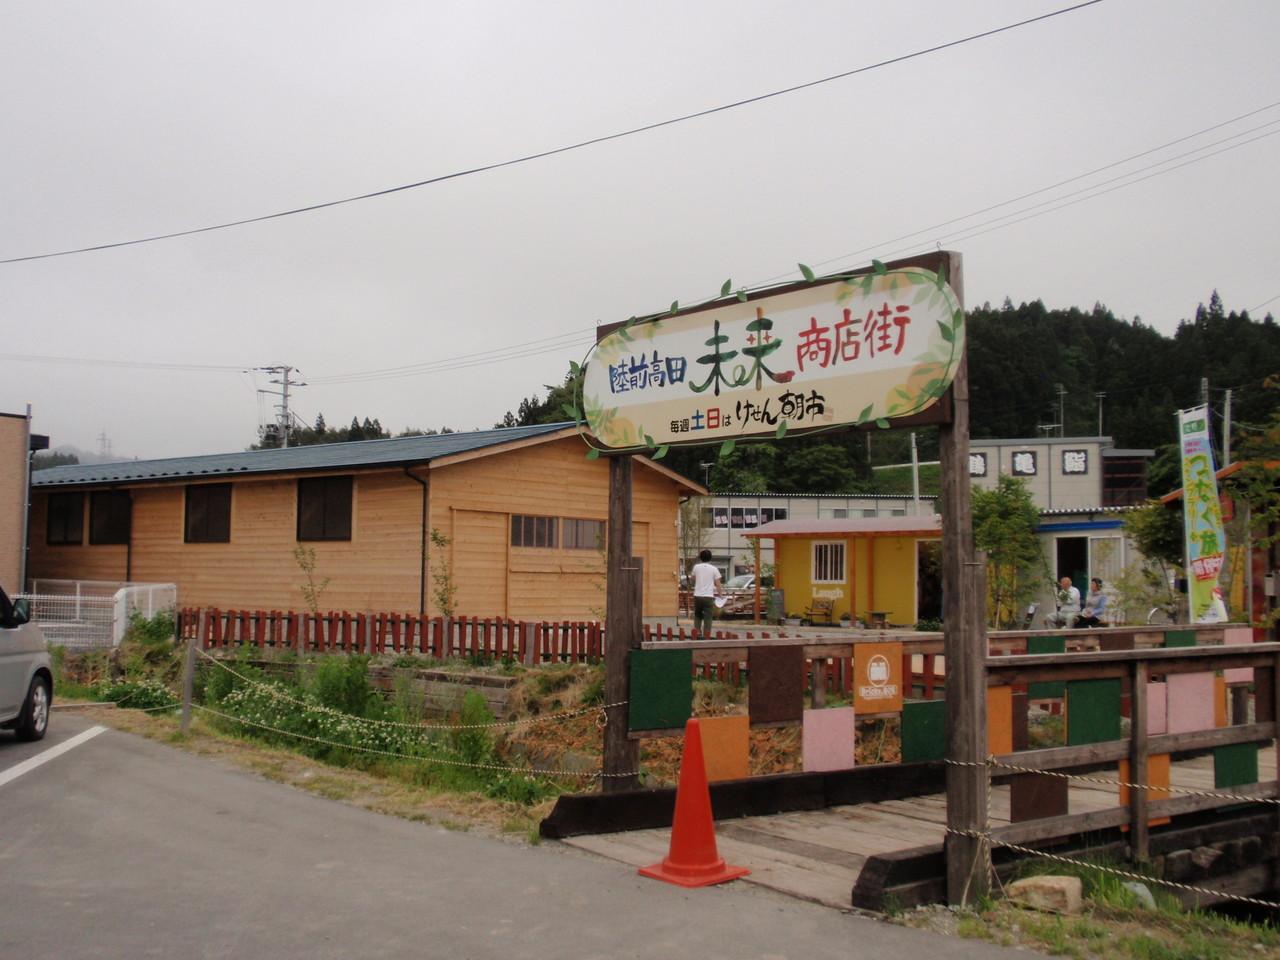 現地入りの日にメンバーが鶴亀鮨さんへ湯呑をお届けに(陸前高田 未来商店街)